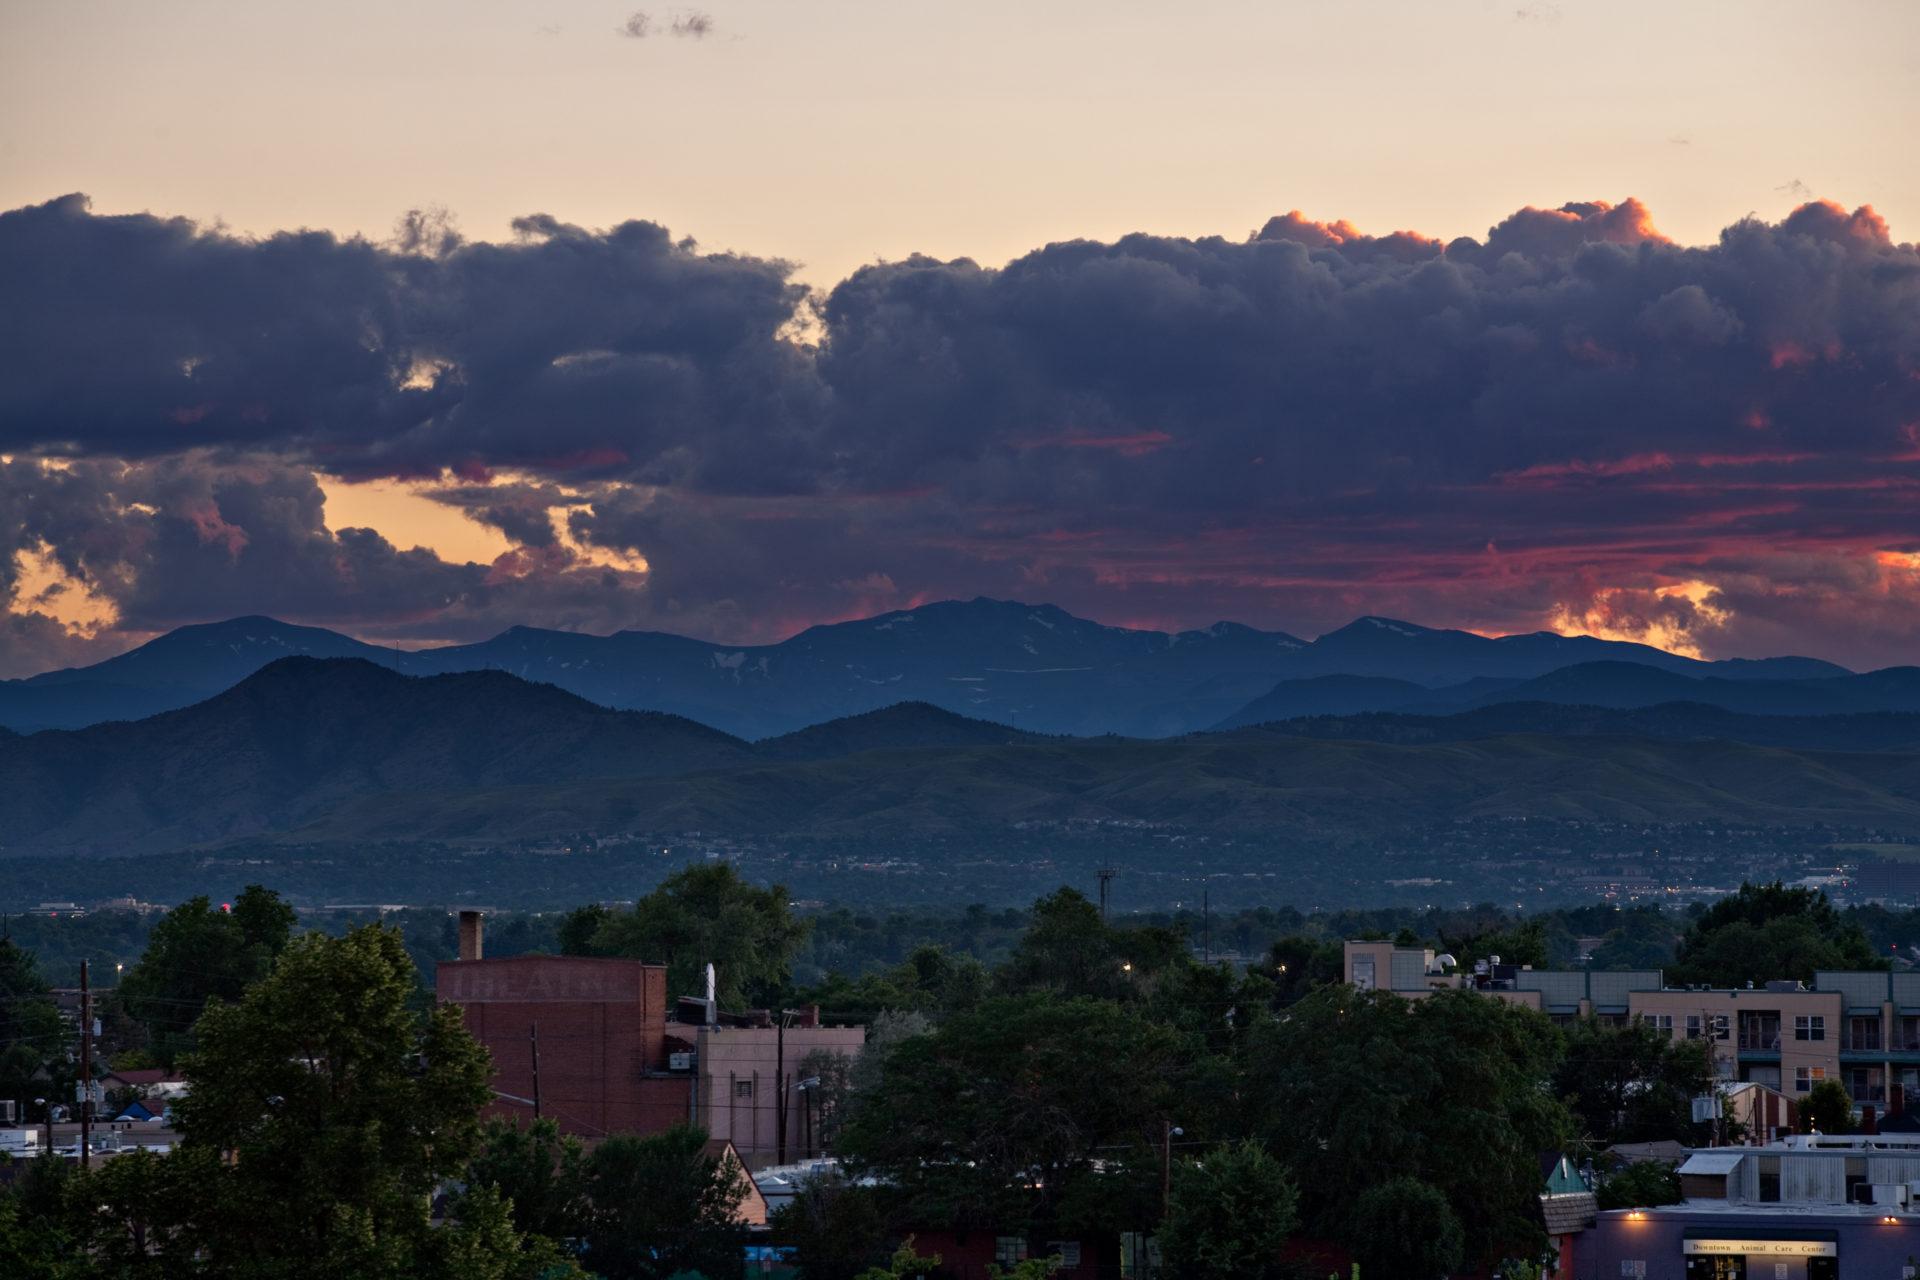 Mount Evans sunset - July 21, 2011